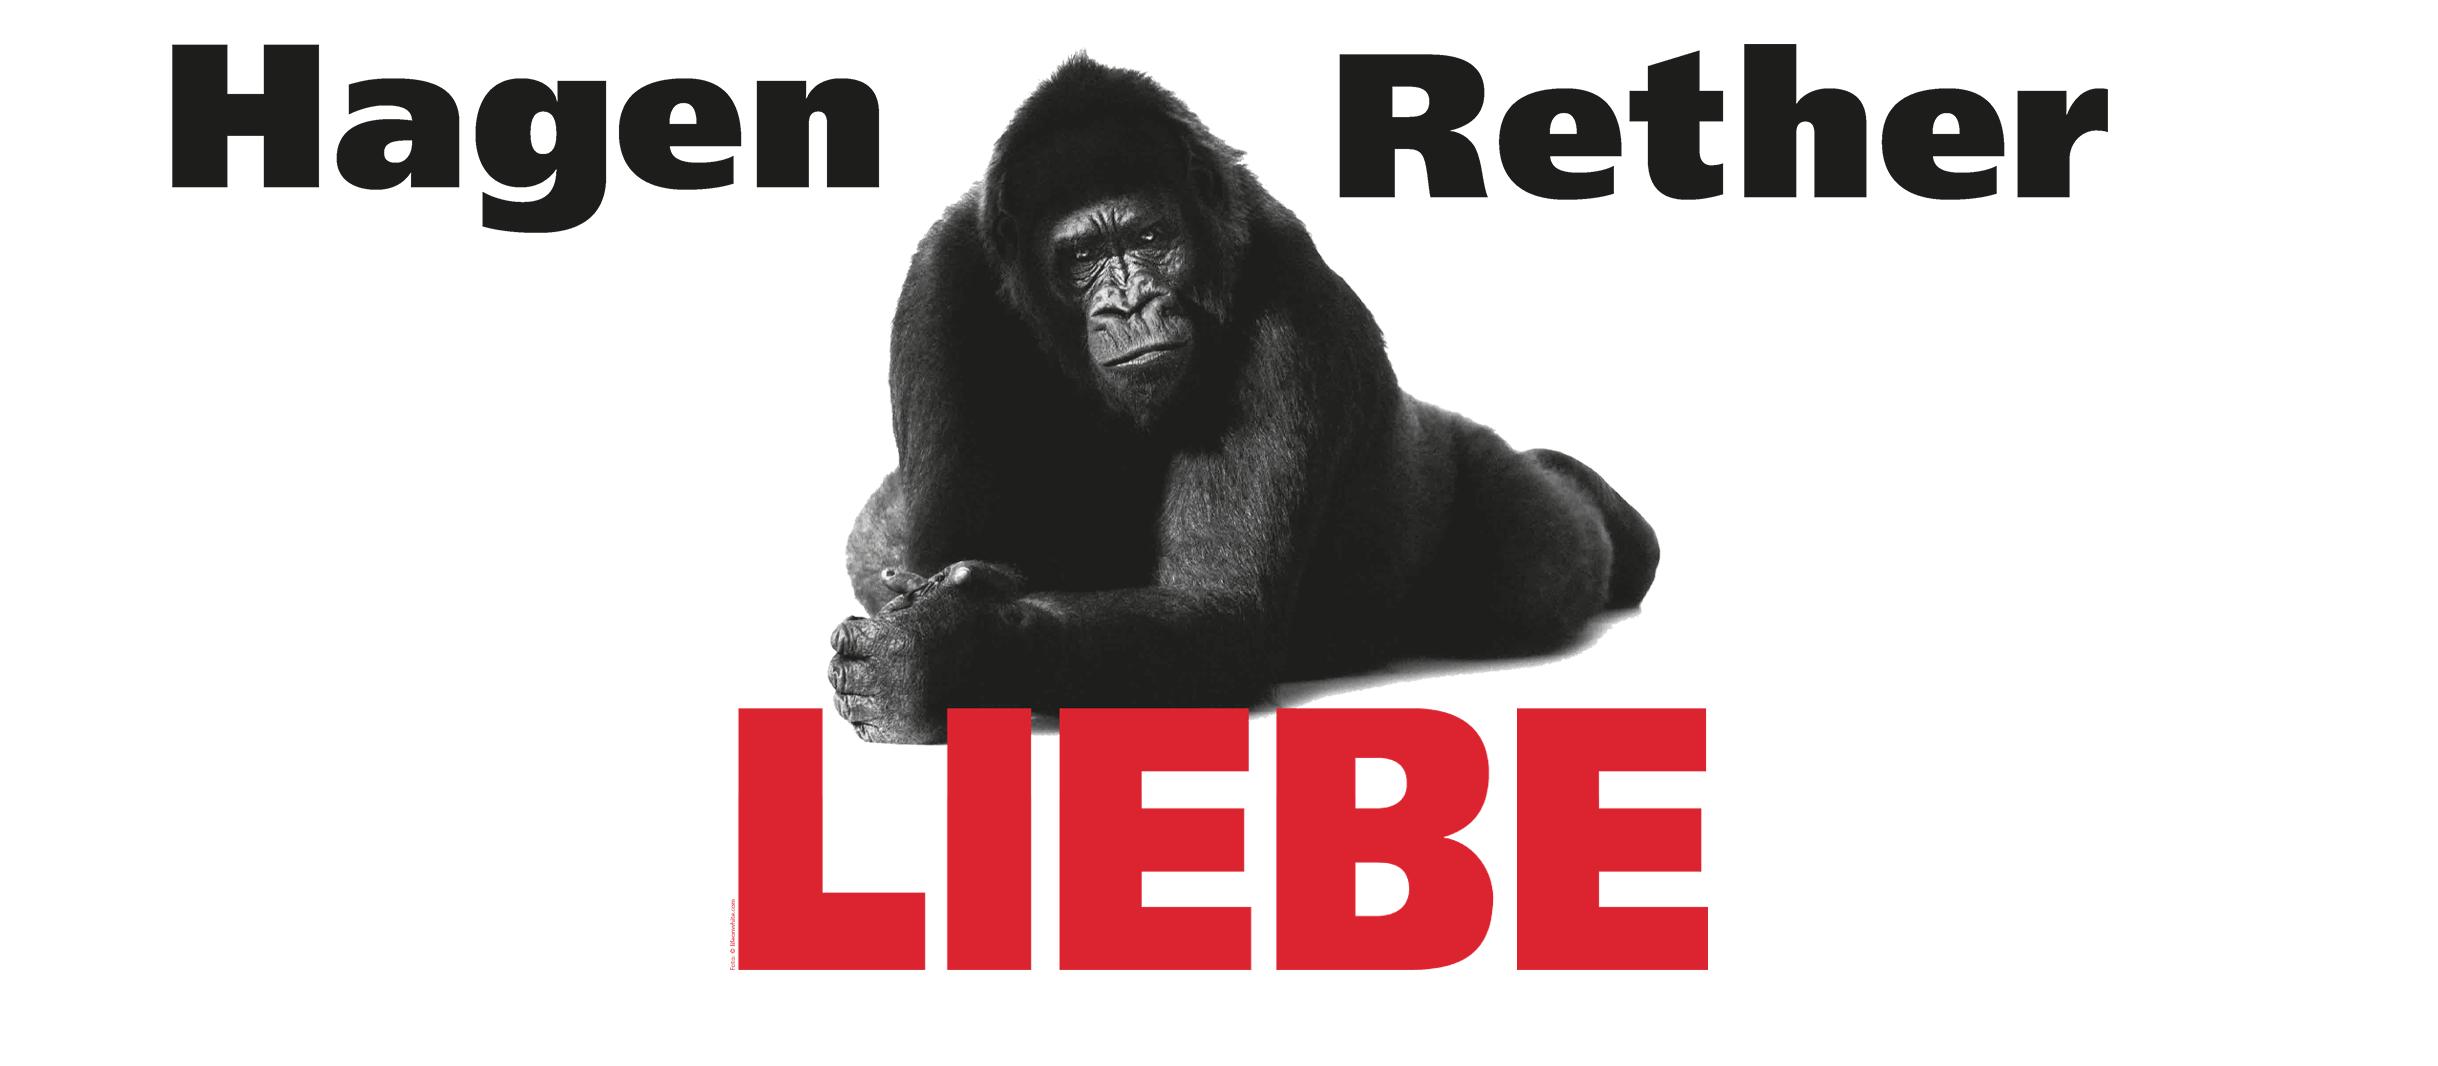 Ein schwarzer Gorilla liegt hinter dem in roten Lettern geschriebenen Wort LIEBE